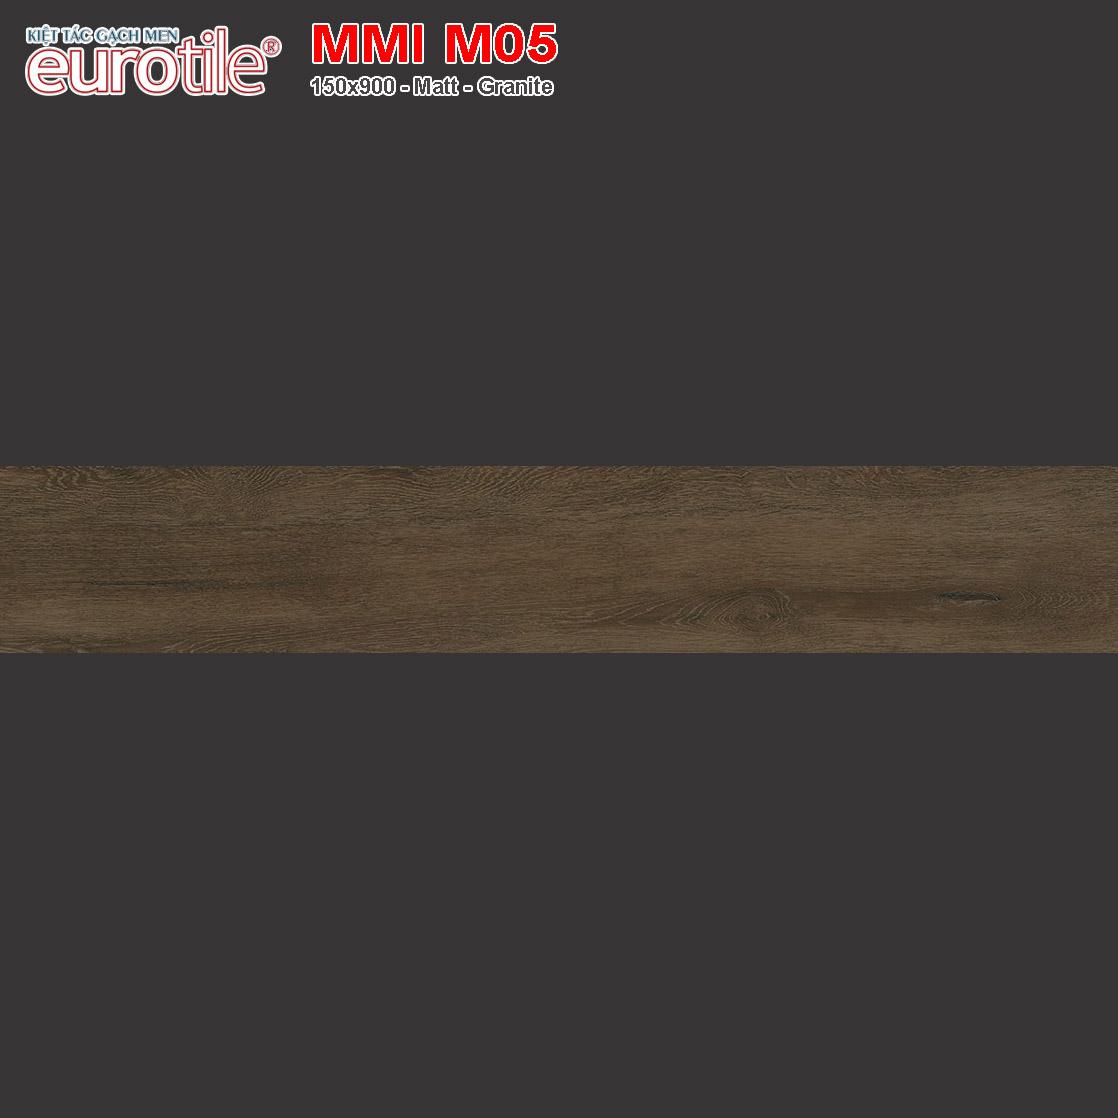 Gạch lát nền vân gỗ 150x900 Eurotile MMI M05 giá rẻ